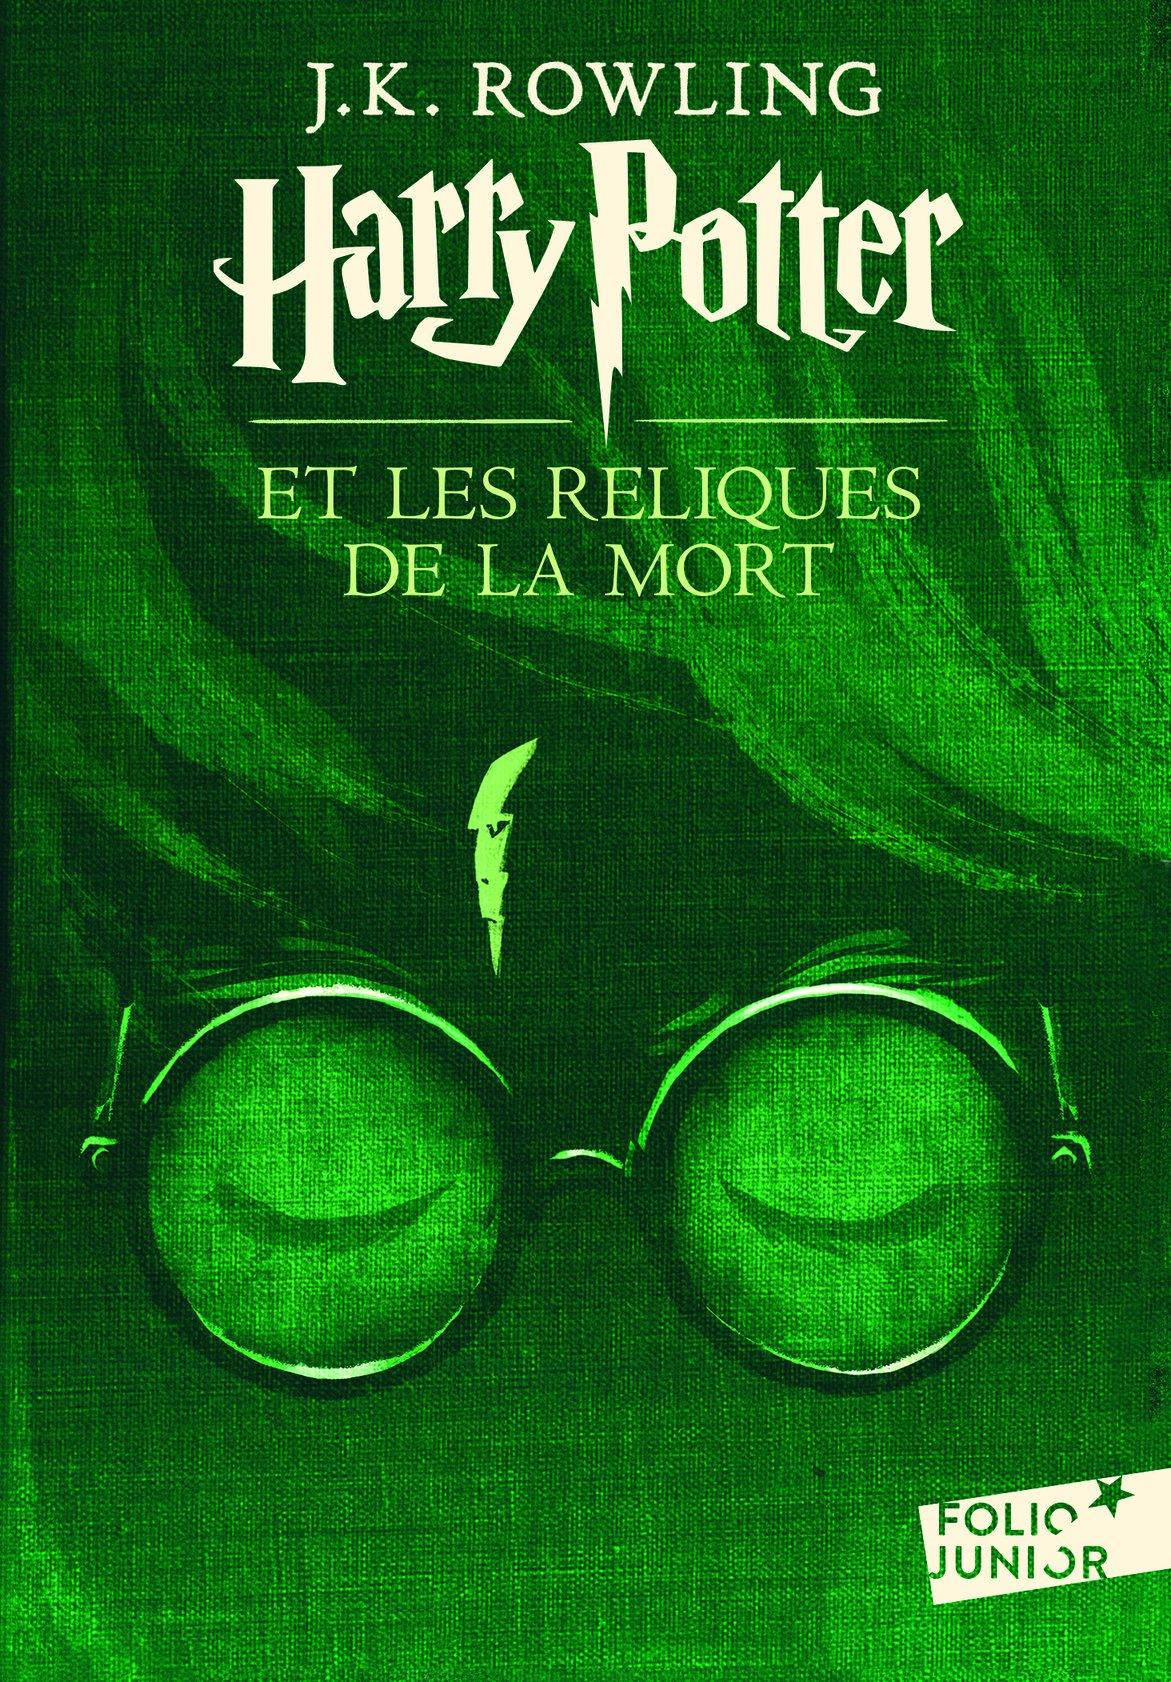 Harry Potter, VII:Harry Potter et les Reliques de la Mort Poche – 12 octobre 2017 J. K. Rowling Jean-François Ménard Folio Junior 2070585239